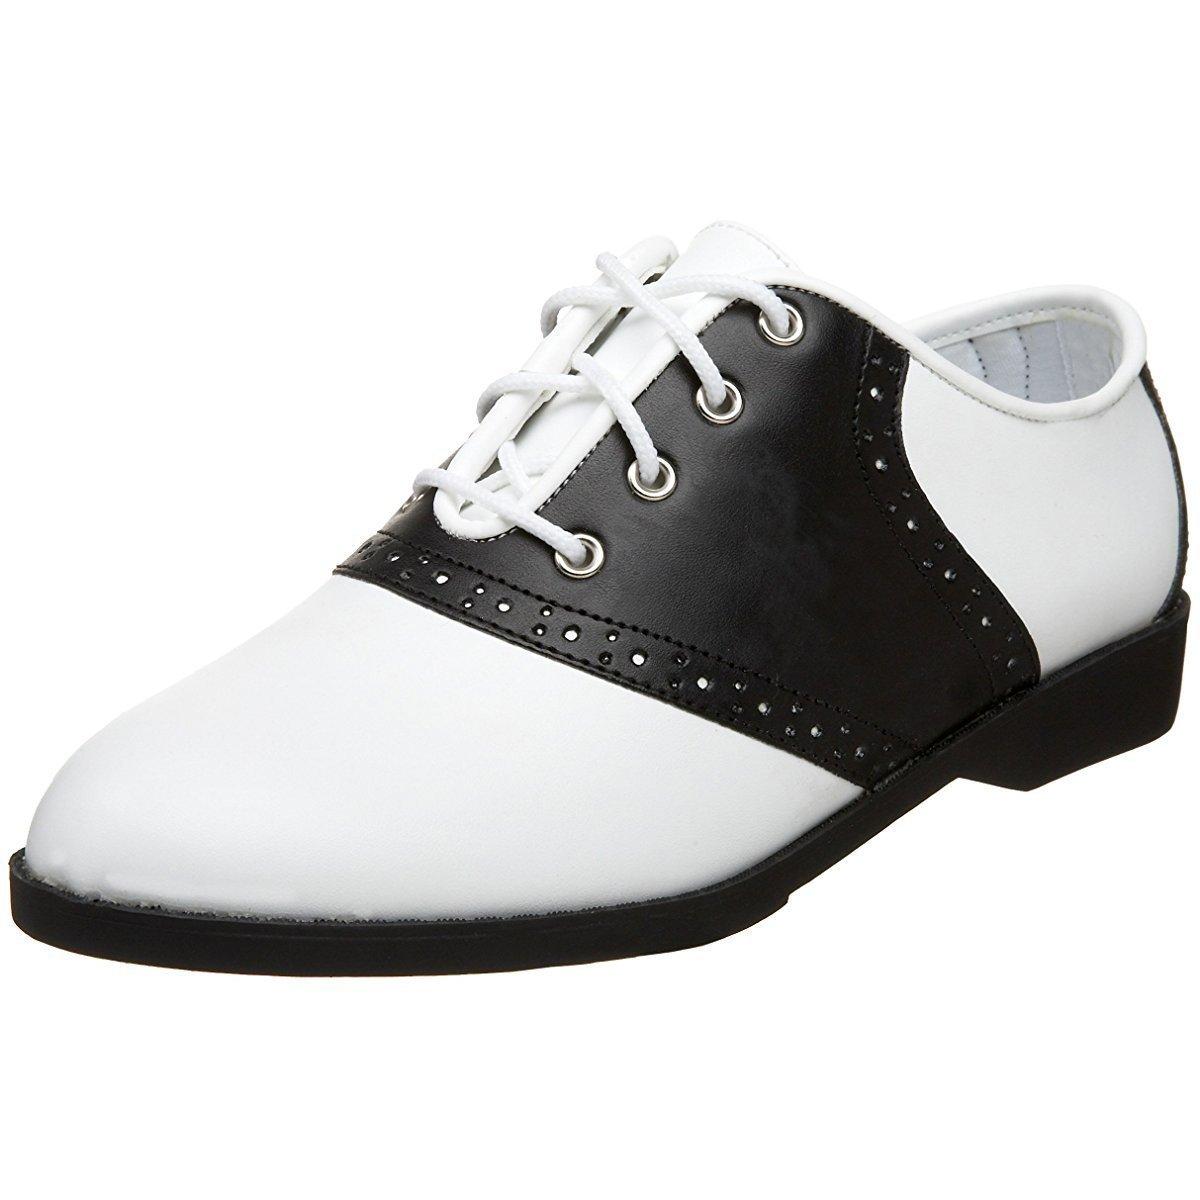 Ellie Shoes Women's Oxford 105-SD Oxford Women's B000PUY5C4 Dance 895e1c